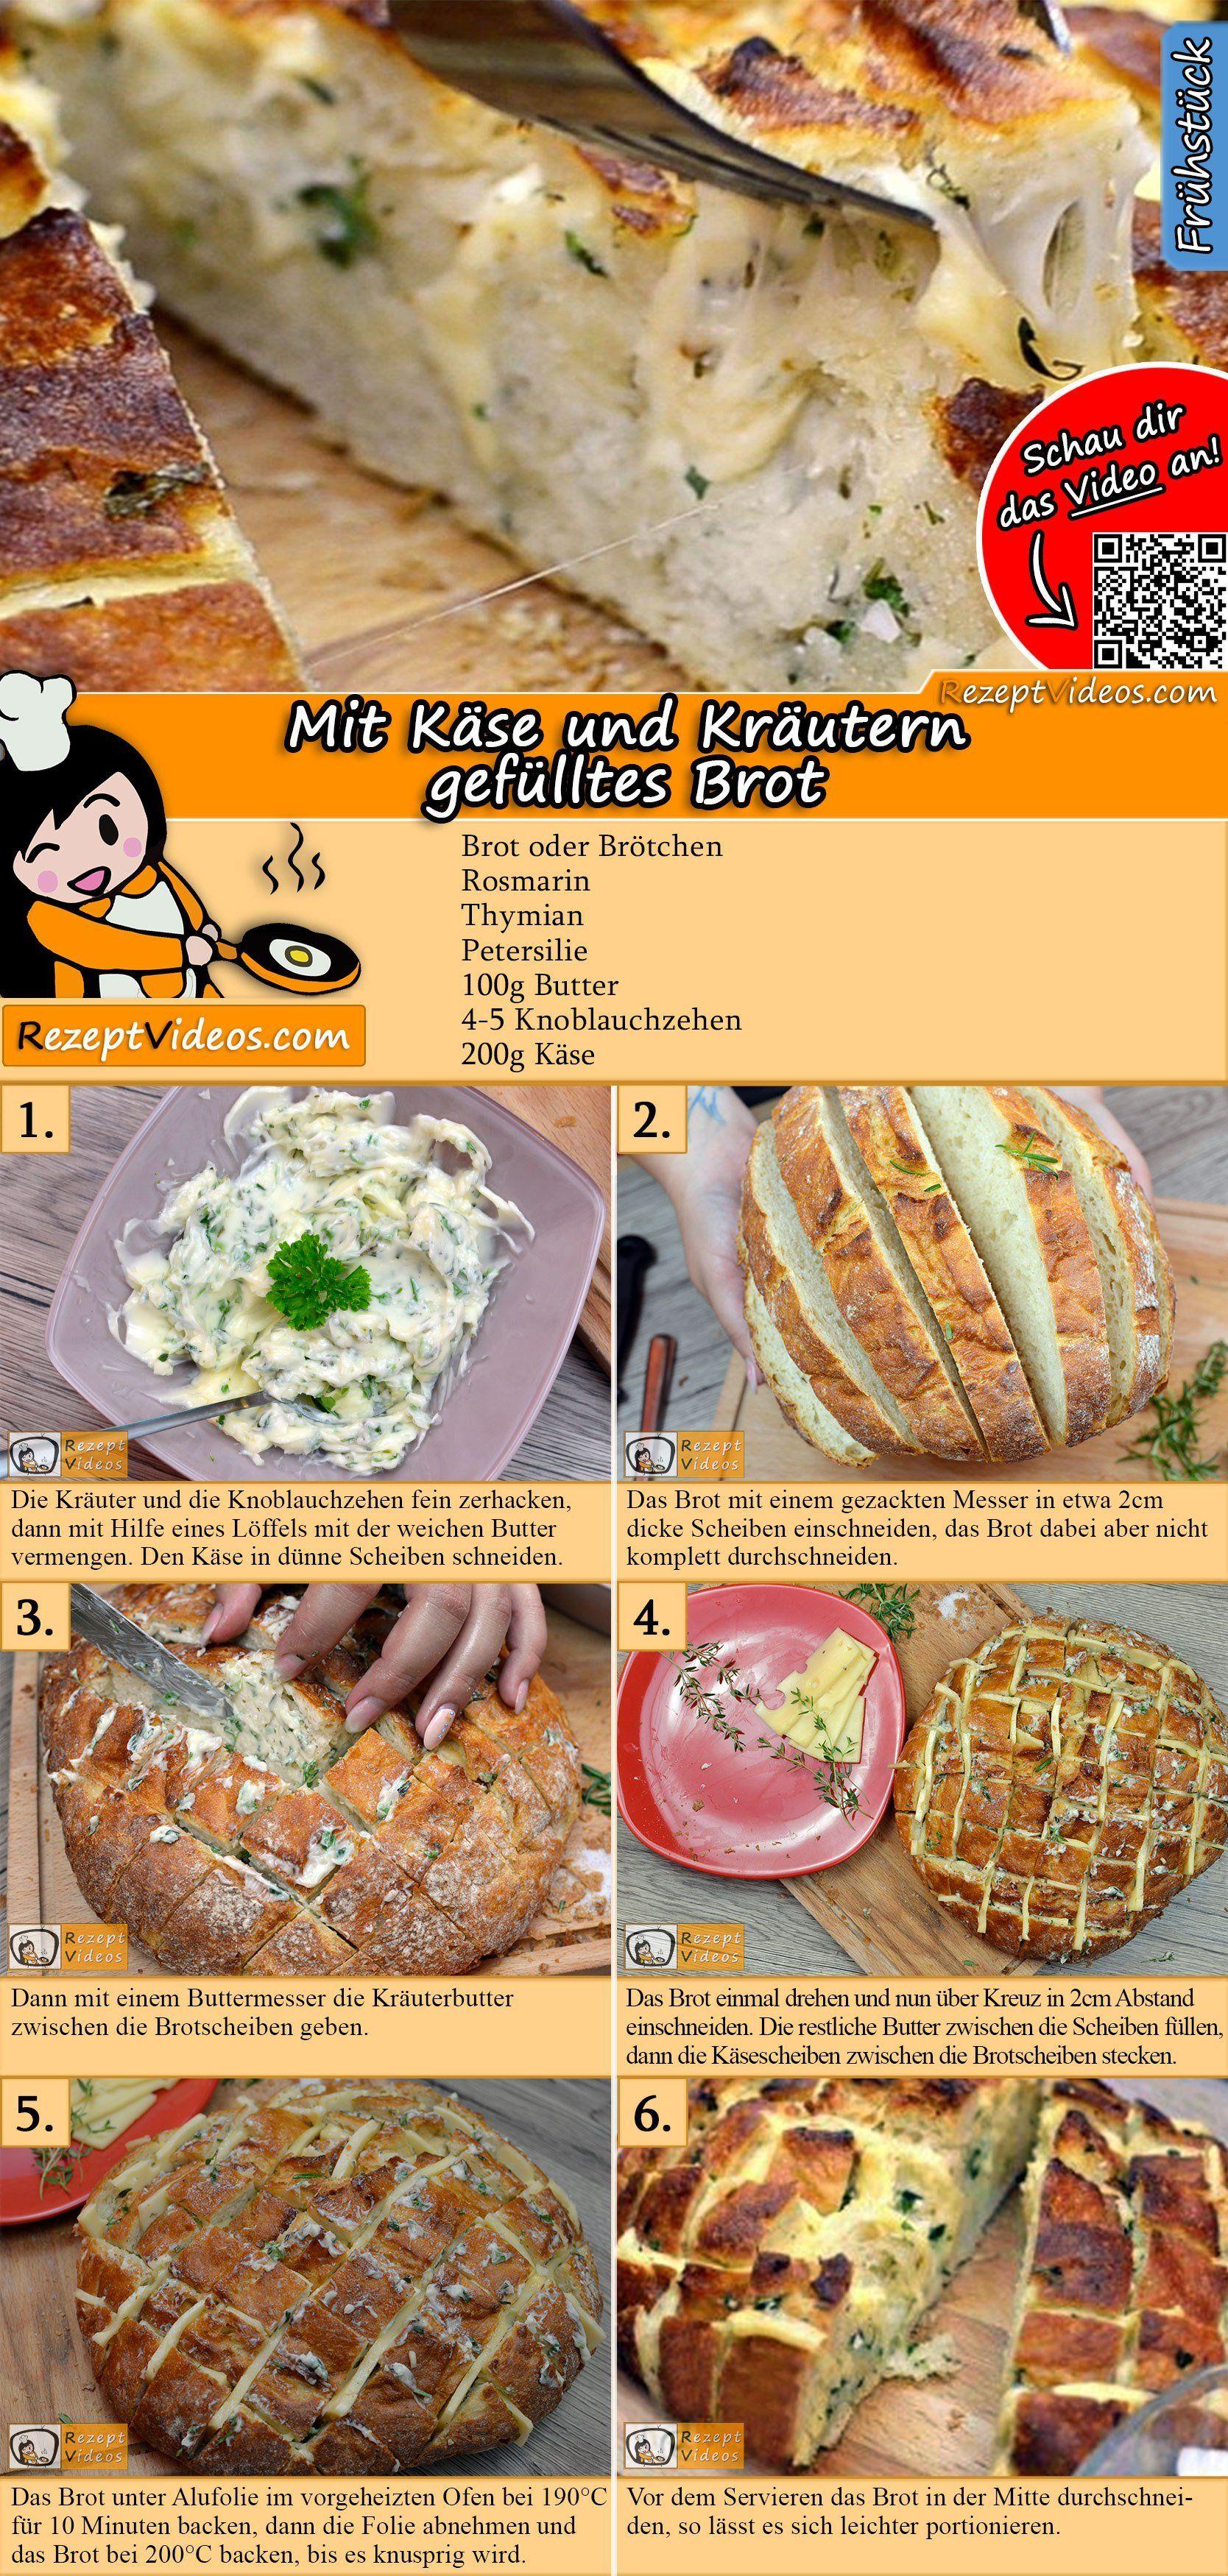 Mit Käse und Kräutern gefülltes Brot Rezept mit Video - Zupfbrot Rezept